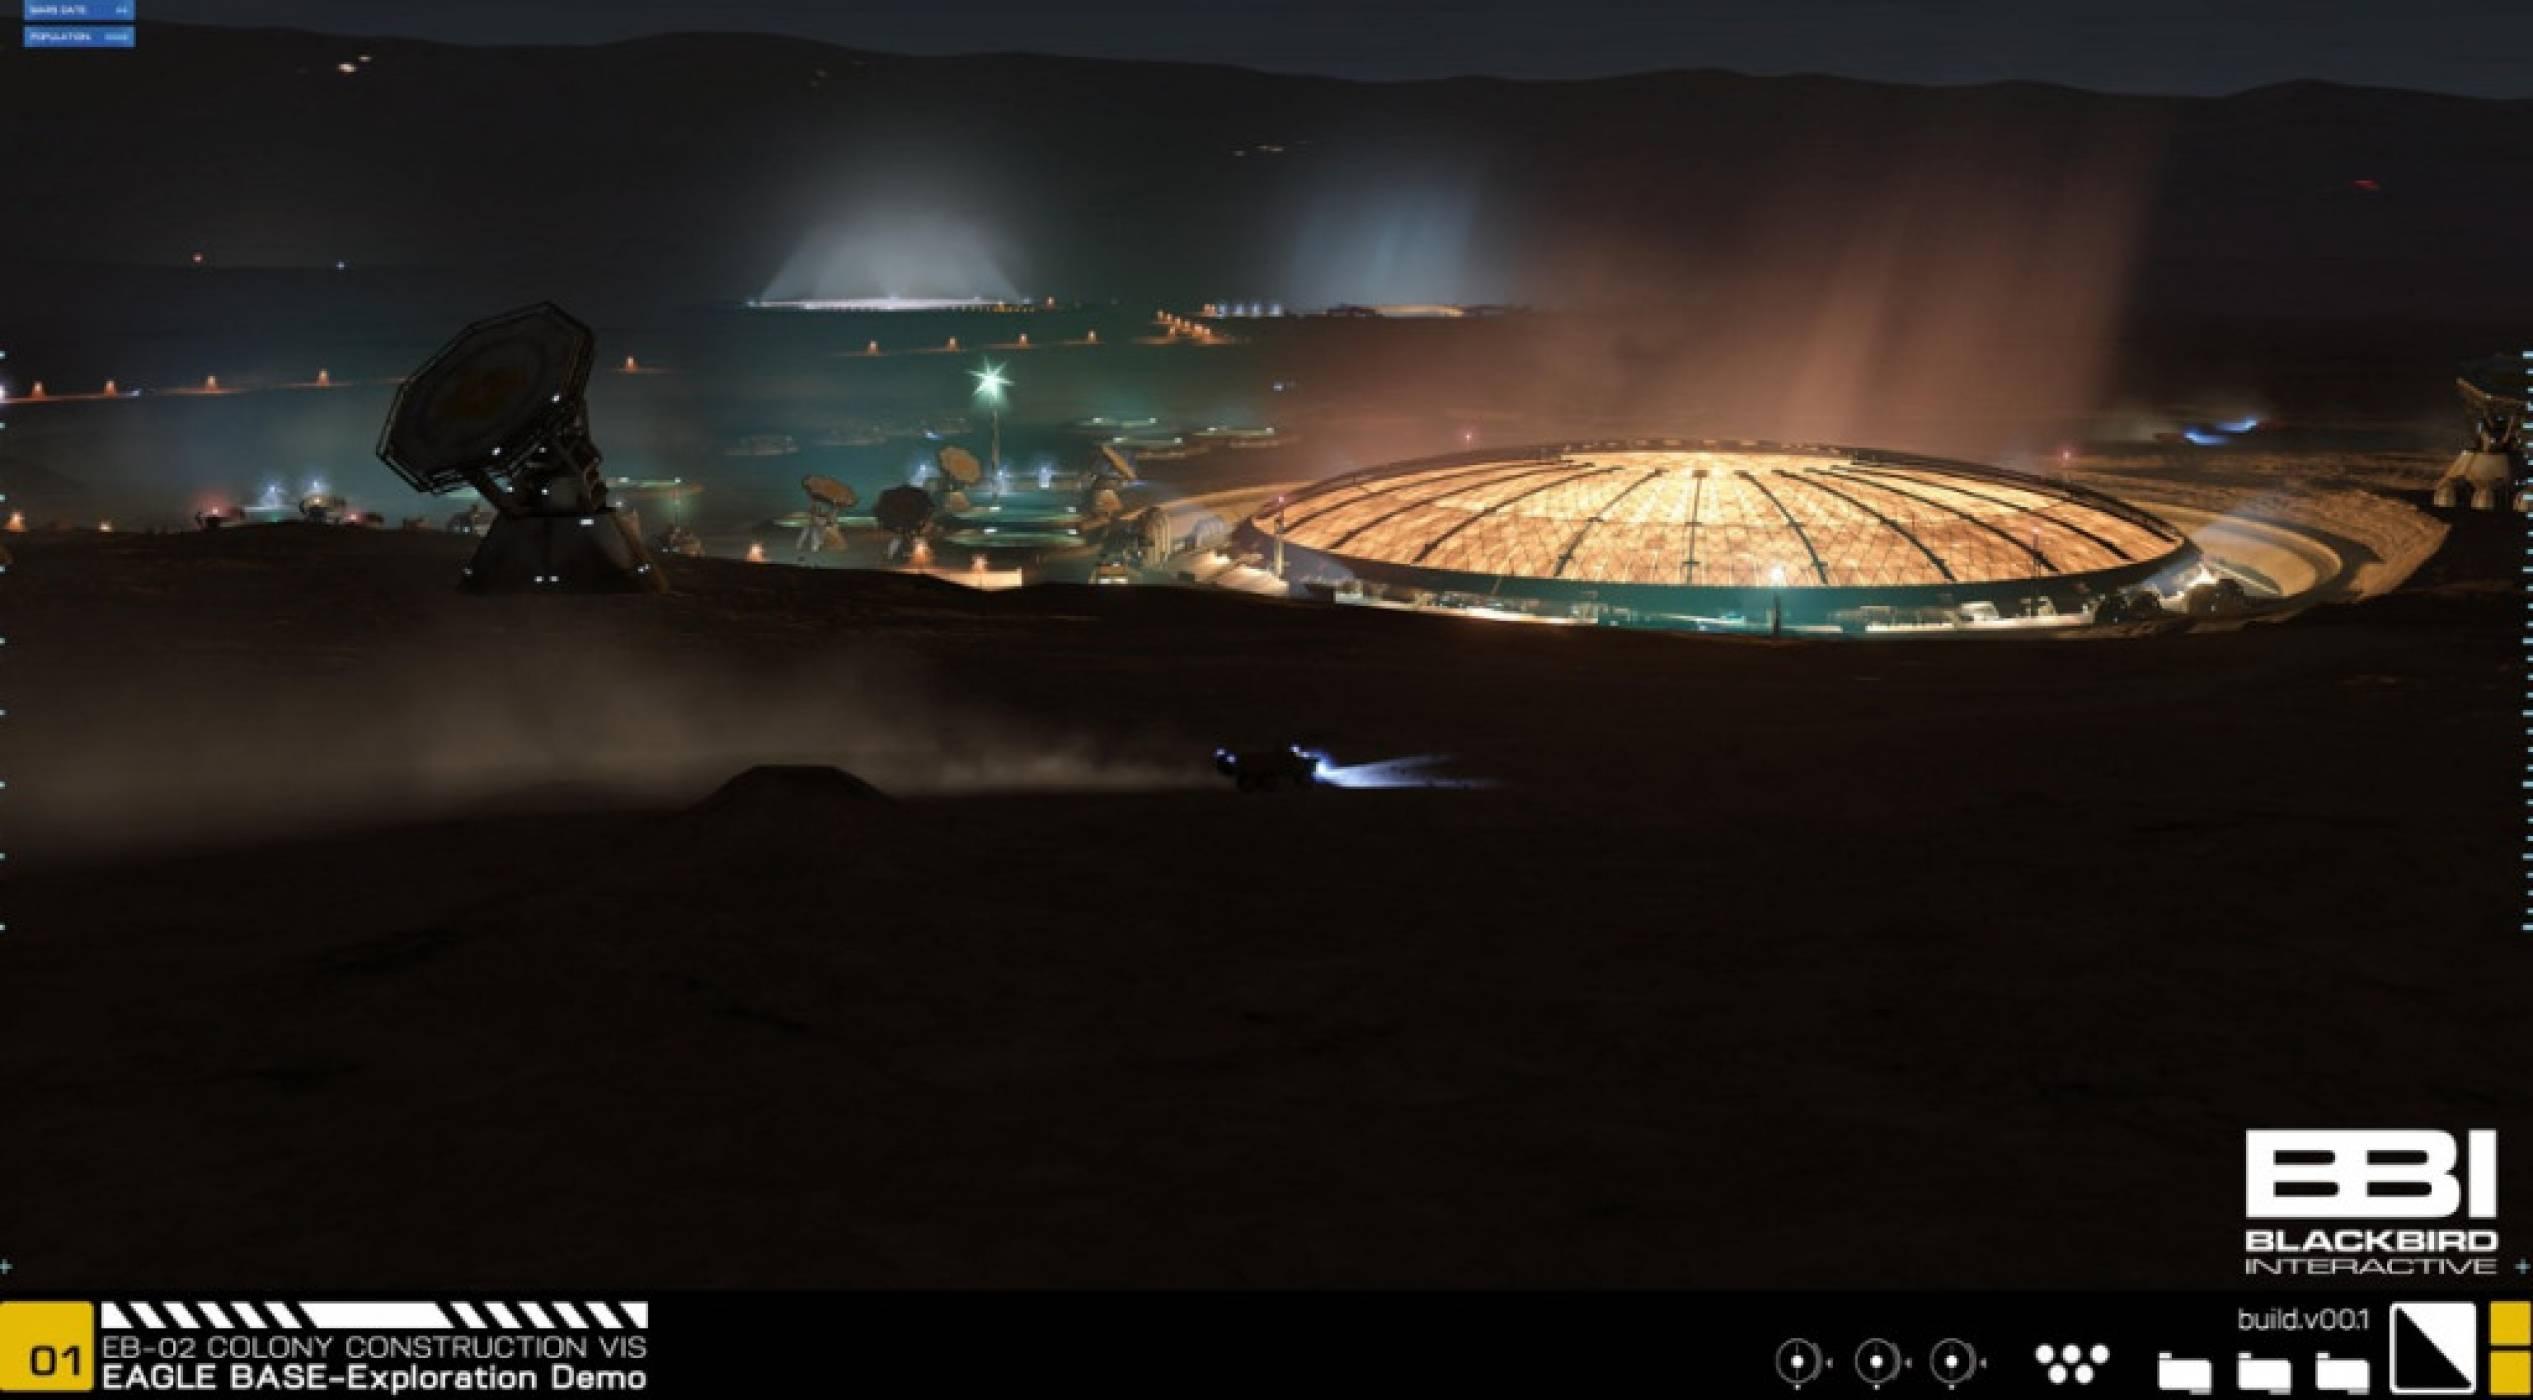 Project Eagle: това може да бъде първата ни колония на Марс (видео)